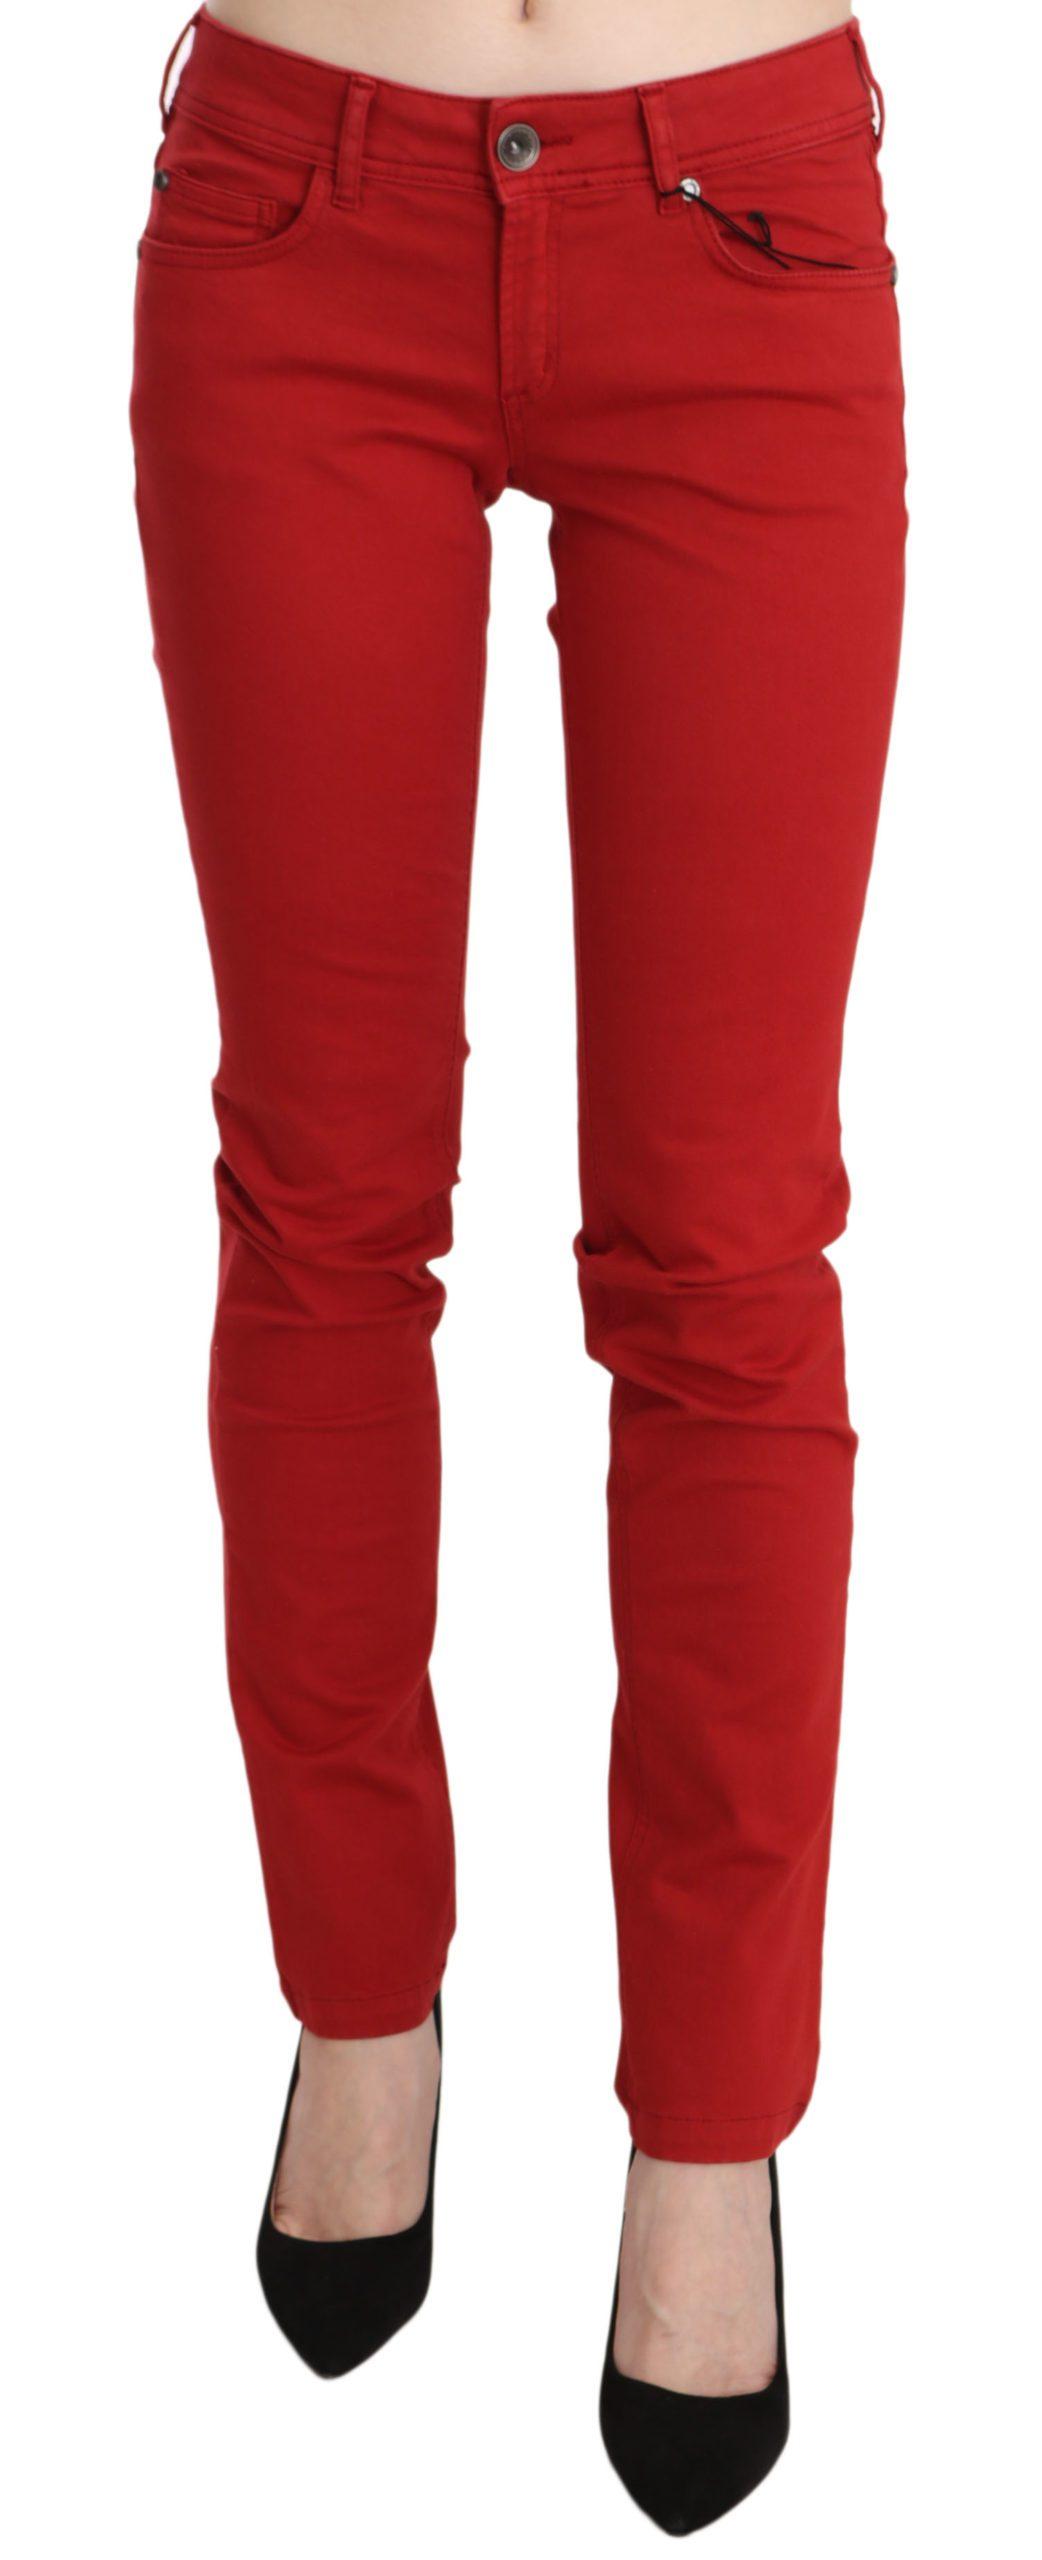 PLEIN SUD Women's Cotton Stretch Low Waist Skinny Trouser Red PAN70089 - W27